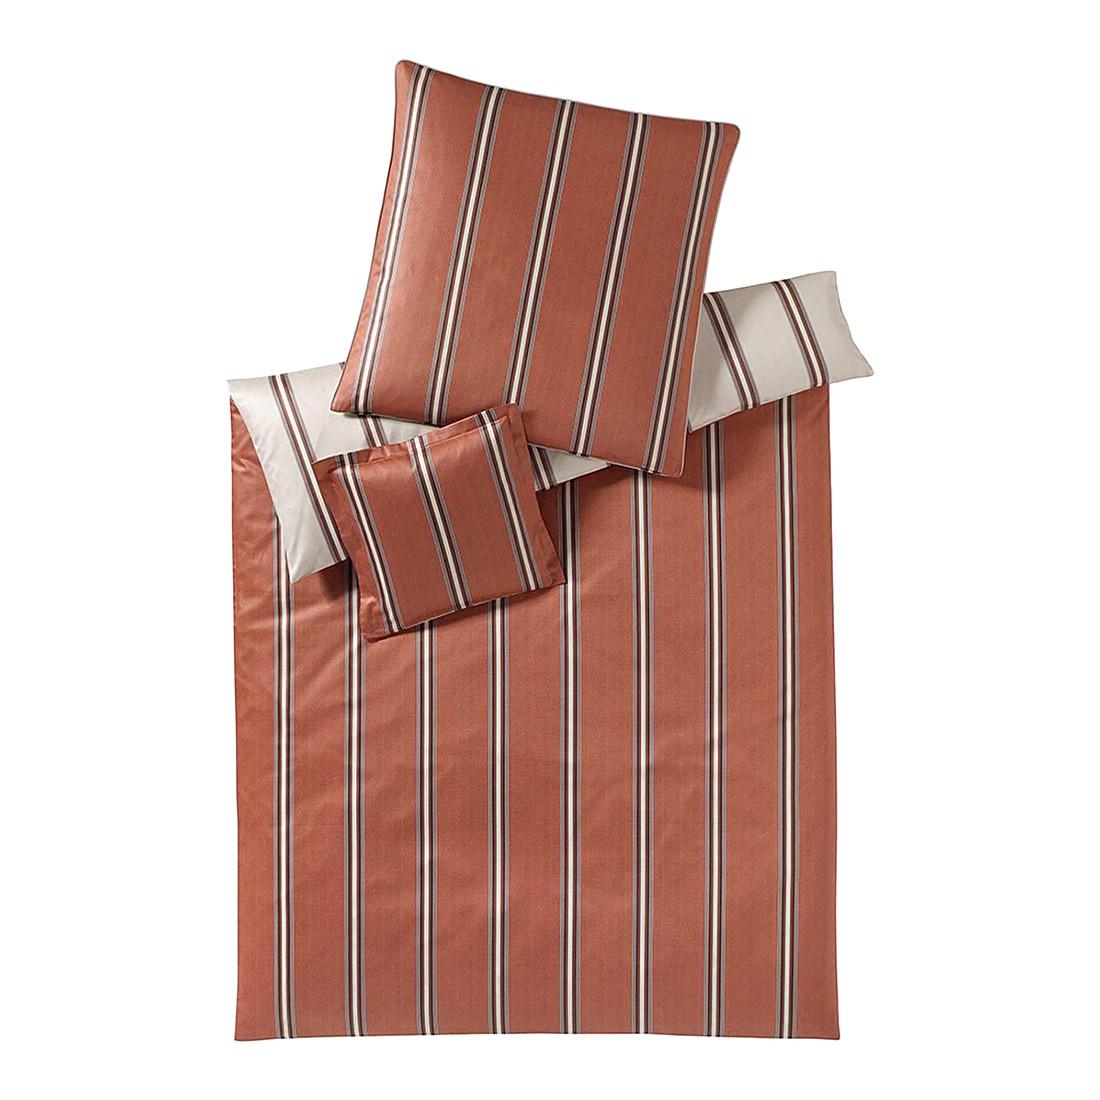 Bettwäsche Cascade Zimt – Baumwolle – Braun – 155X220 cm + 80X80 cm, elegante jetzt kaufen